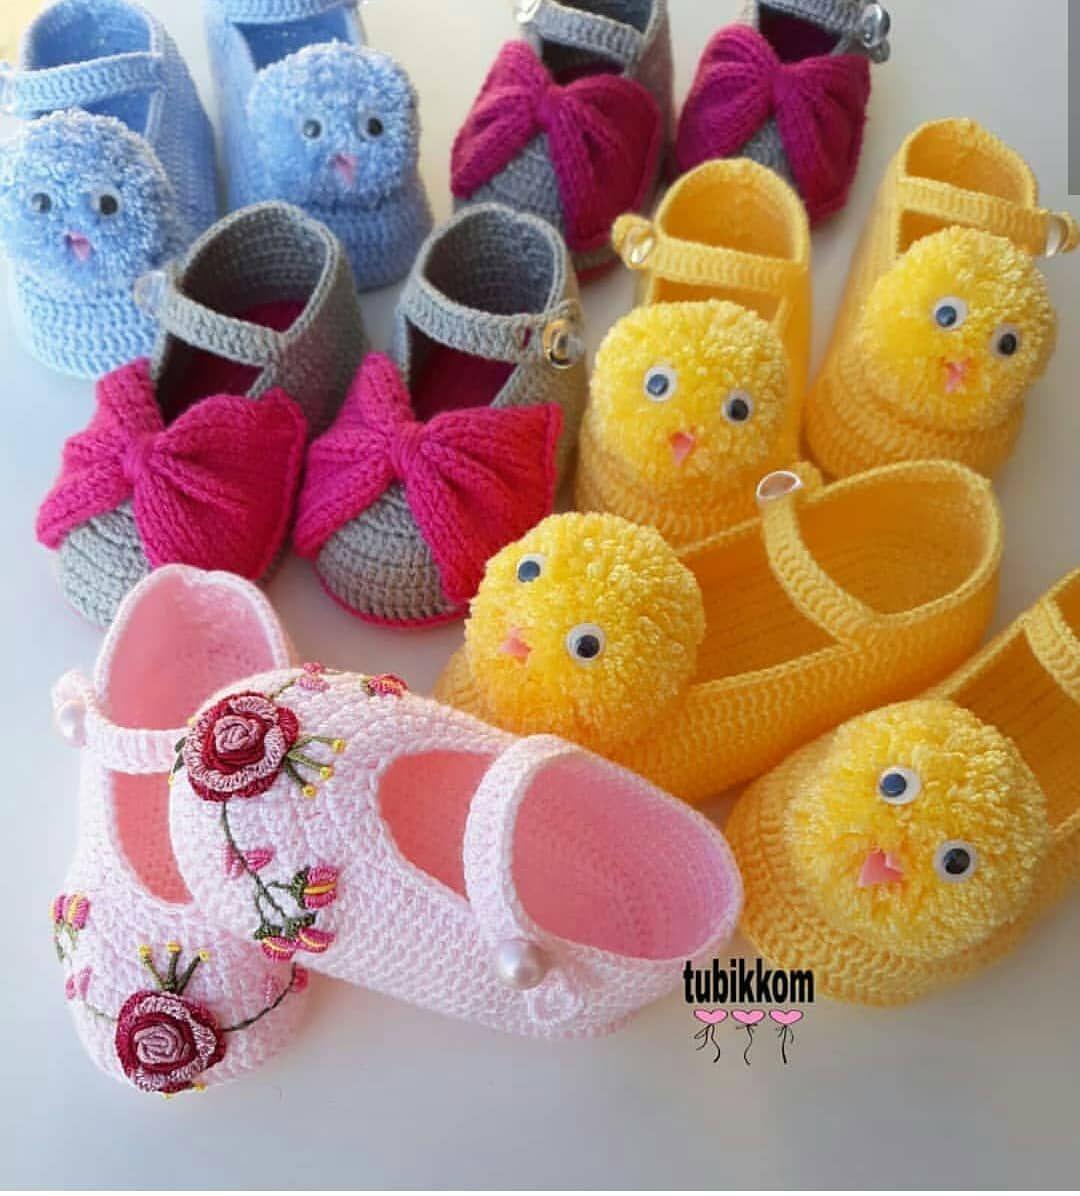 @tubikkom . . . #kesfet  #eninceayrıntısınakadar  #igneoyasihavlukenari  #igneoyasihavlu #oya #igne #iplik #aşkı #elişi #hobi… #crochetbabyboots